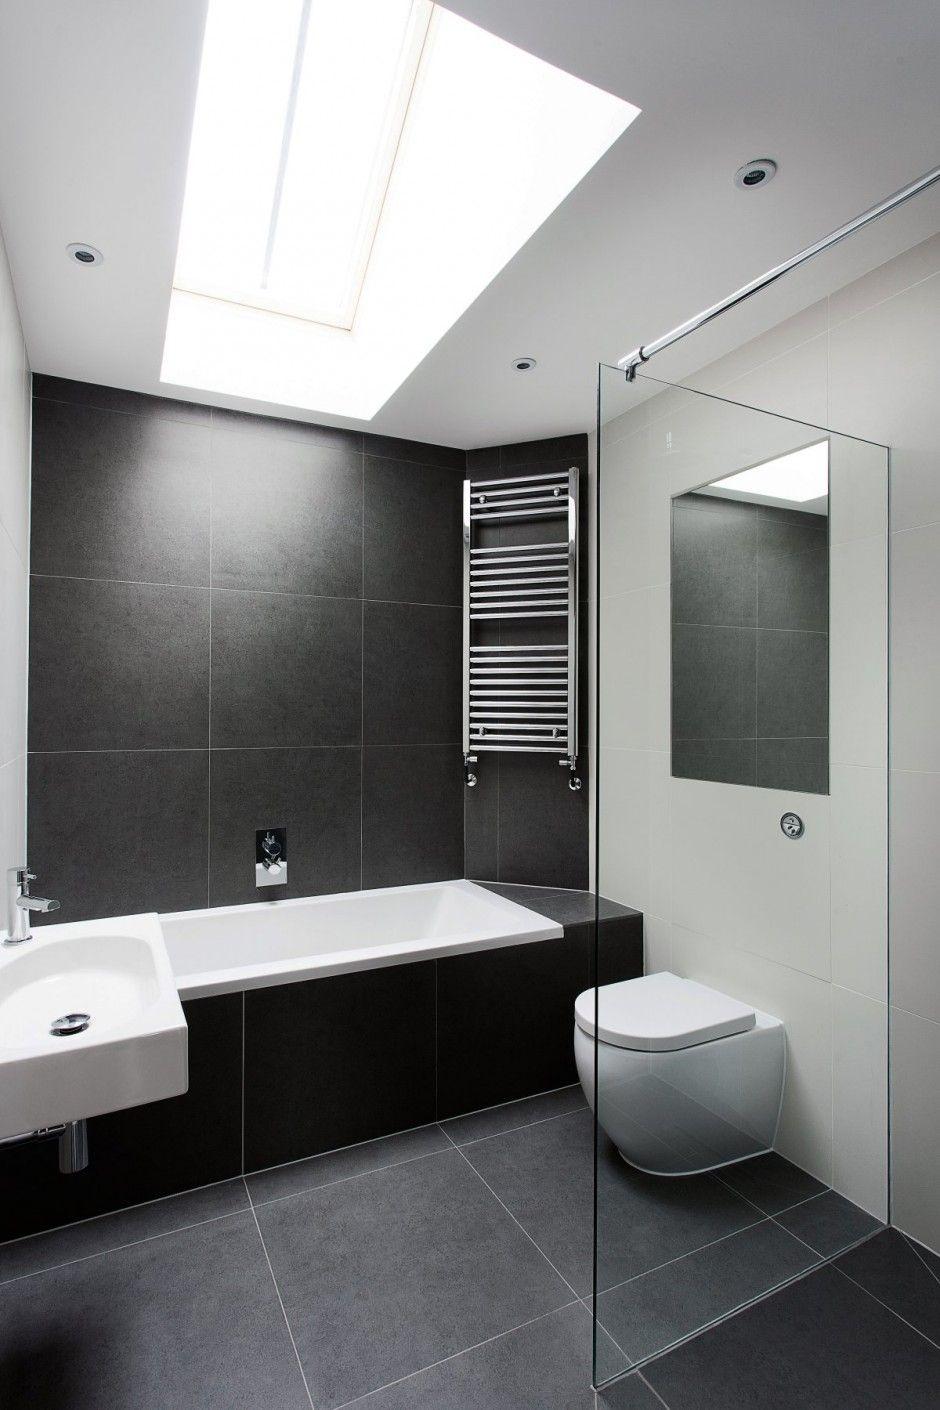 Badezimmerdesign graue fliesen ook in uw badkamer is het fijn om voldoende daglicht te ontvangen